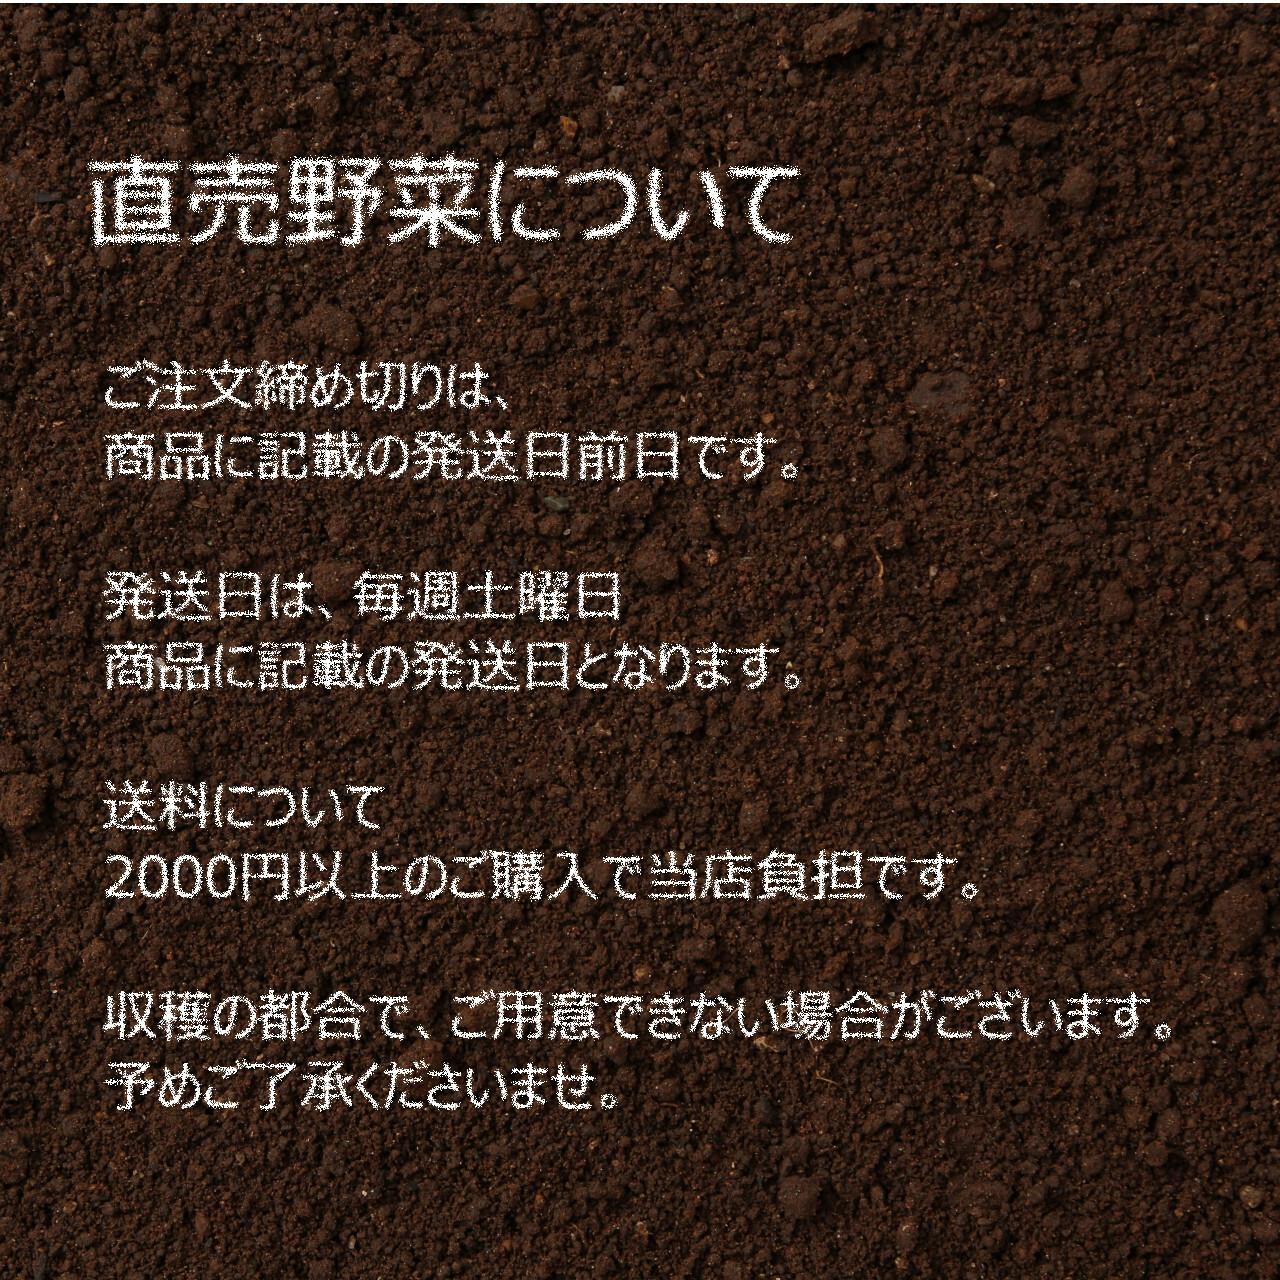 10月の朝採り直売野菜 : 大根 約 1本  新鮮な秋野菜 10月19日発送予定